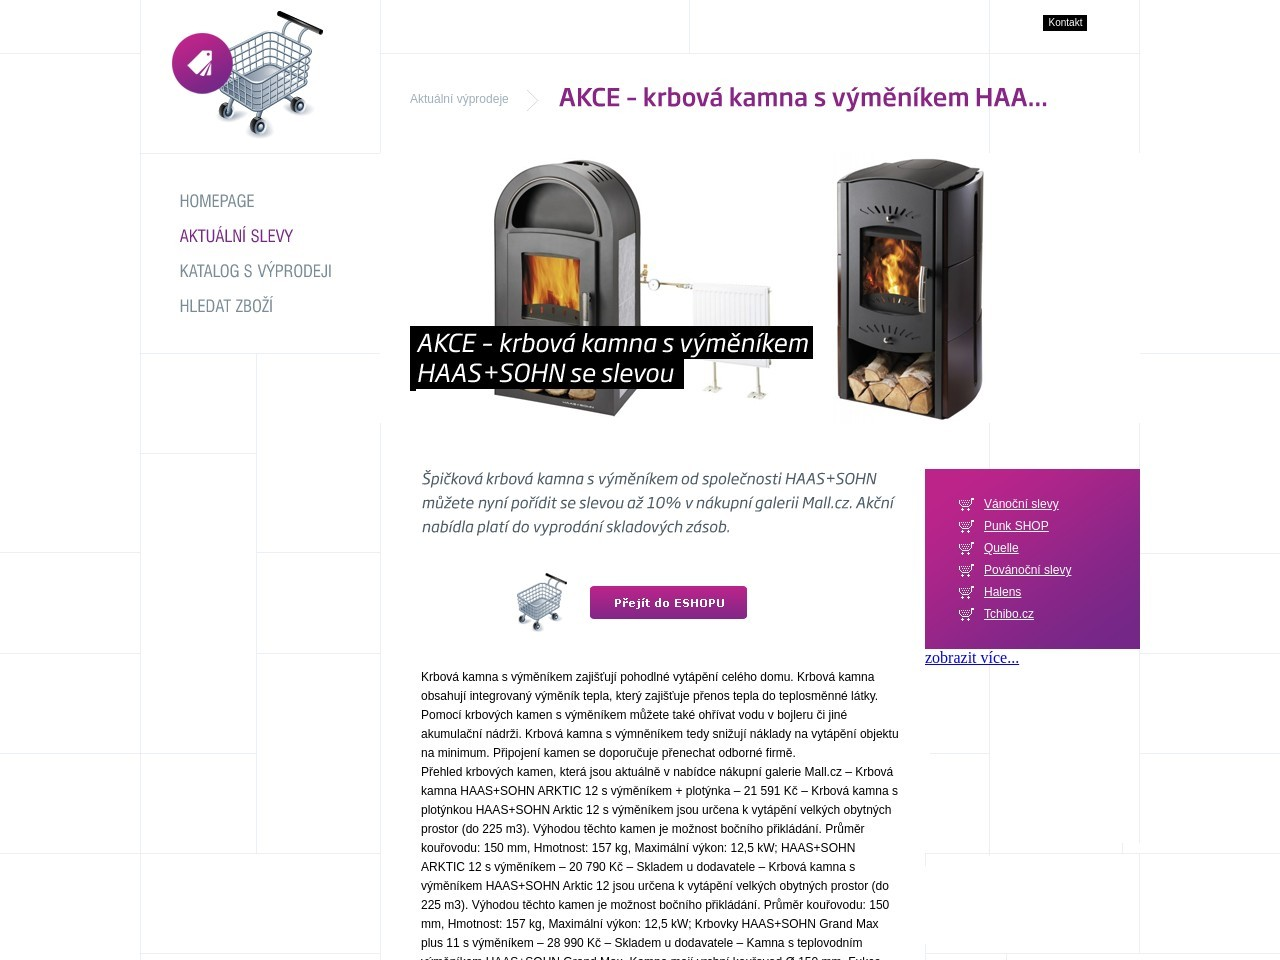 AKCE – krbová kamna s výměníkem HAAS+SOHN se slevou (Zdroj: Wordpress.com)